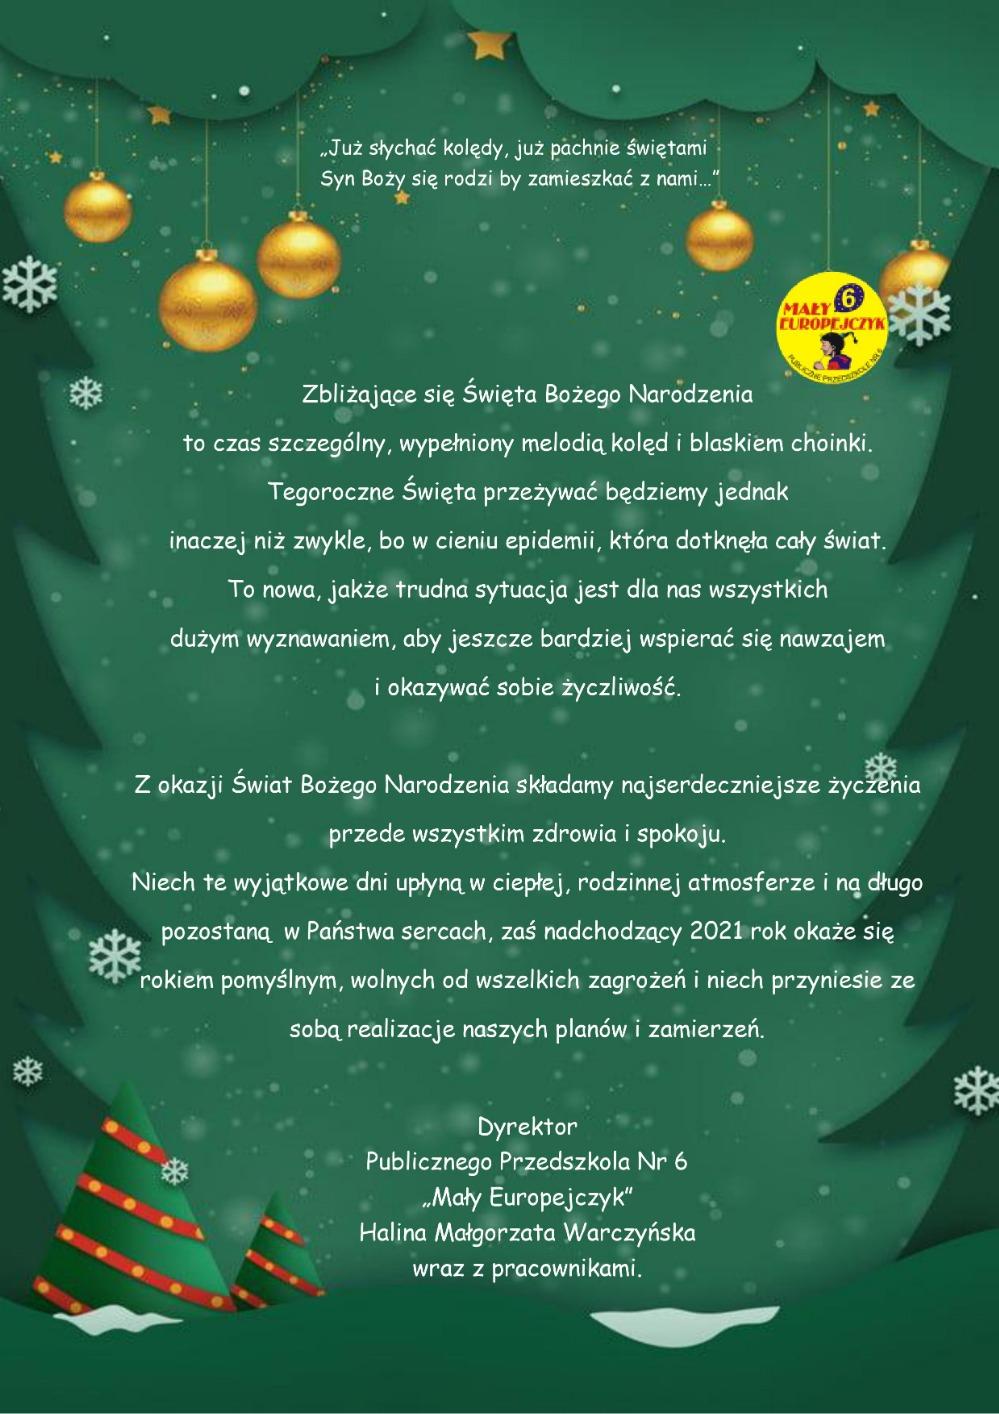 Życzenia bożonarodzeniowe z PP6 - 23.12.2020r.